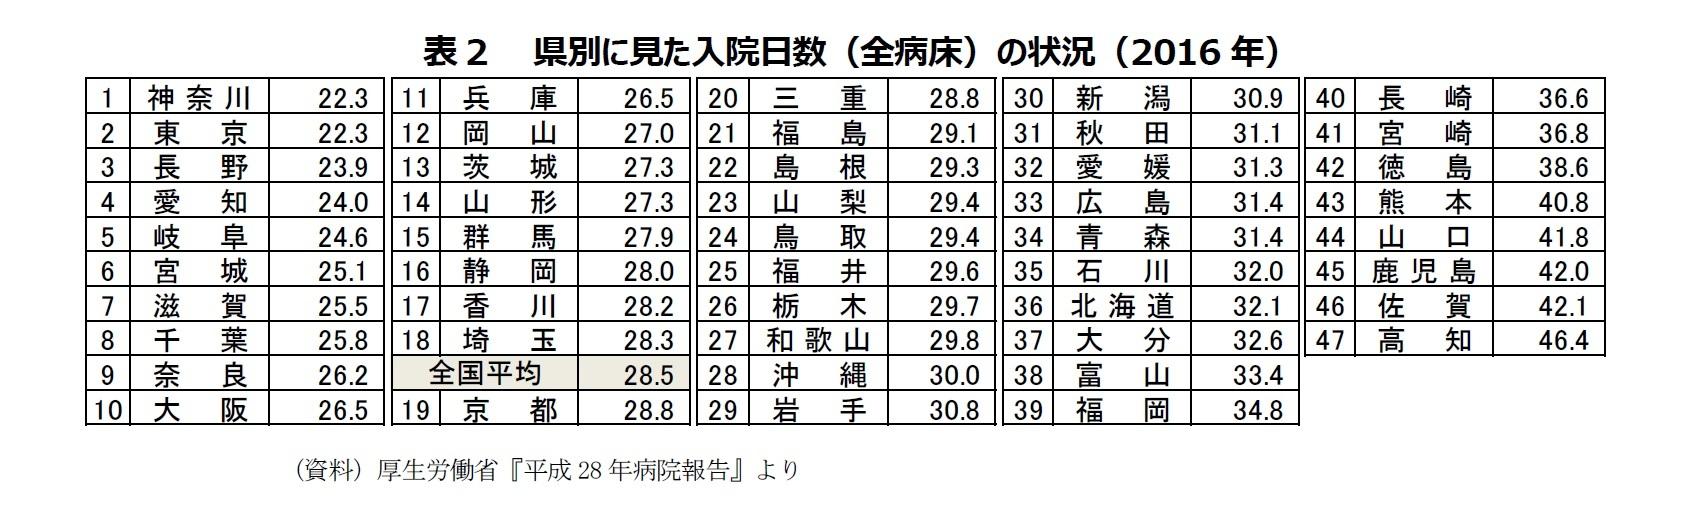 表2 県別に見た入院日数(全病床)の状況(2016年)